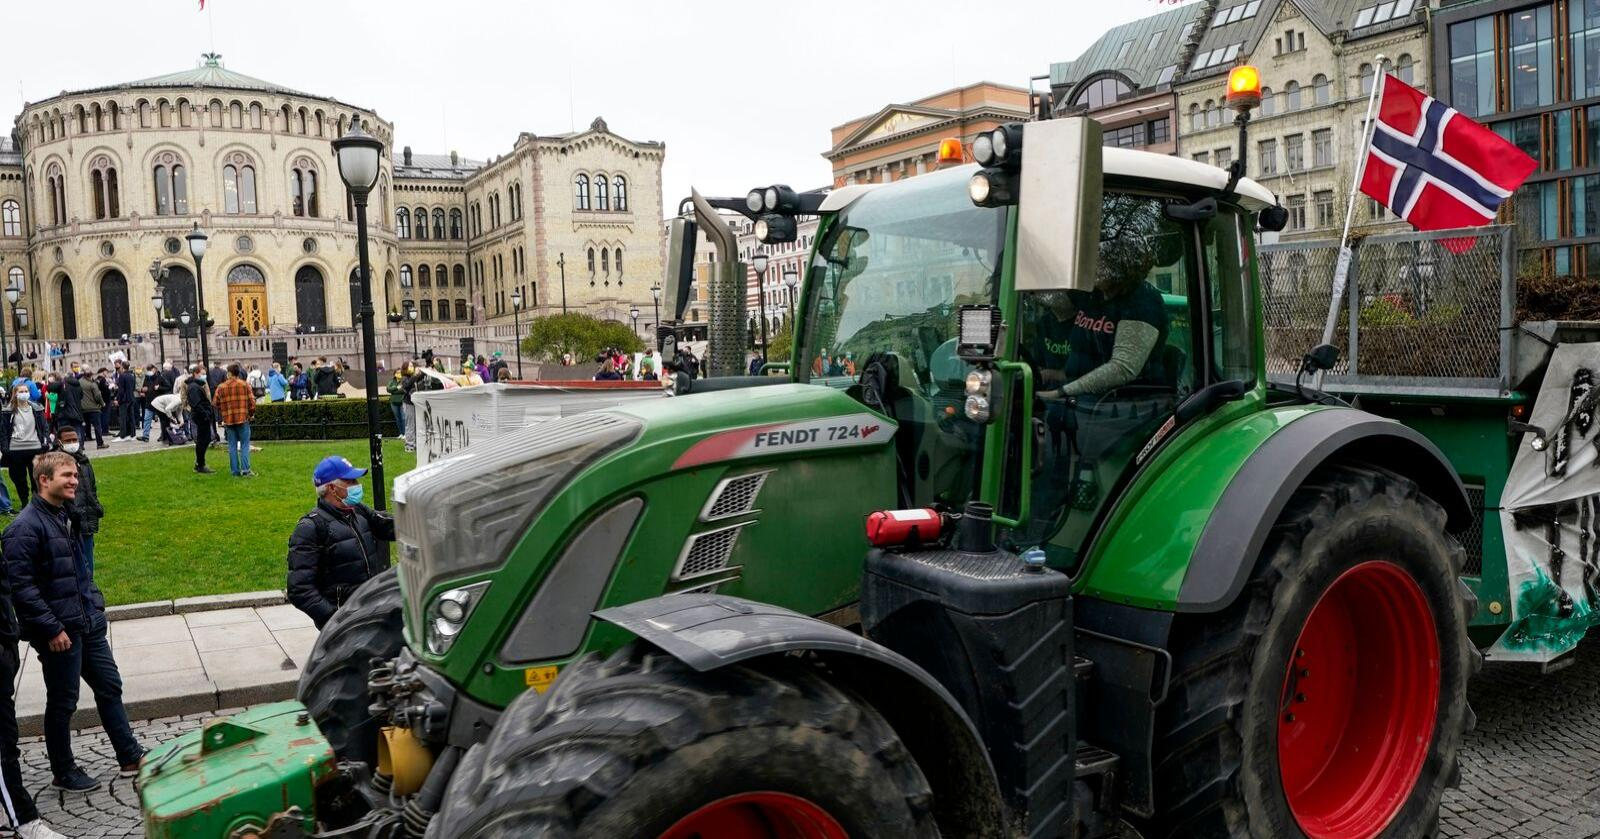 Aksjon: Bønder aksjonerte mot statens tilbod i jordbruksoppgjeret foran Stortinget i Oslo. Foto: Lise Åserud / NTB